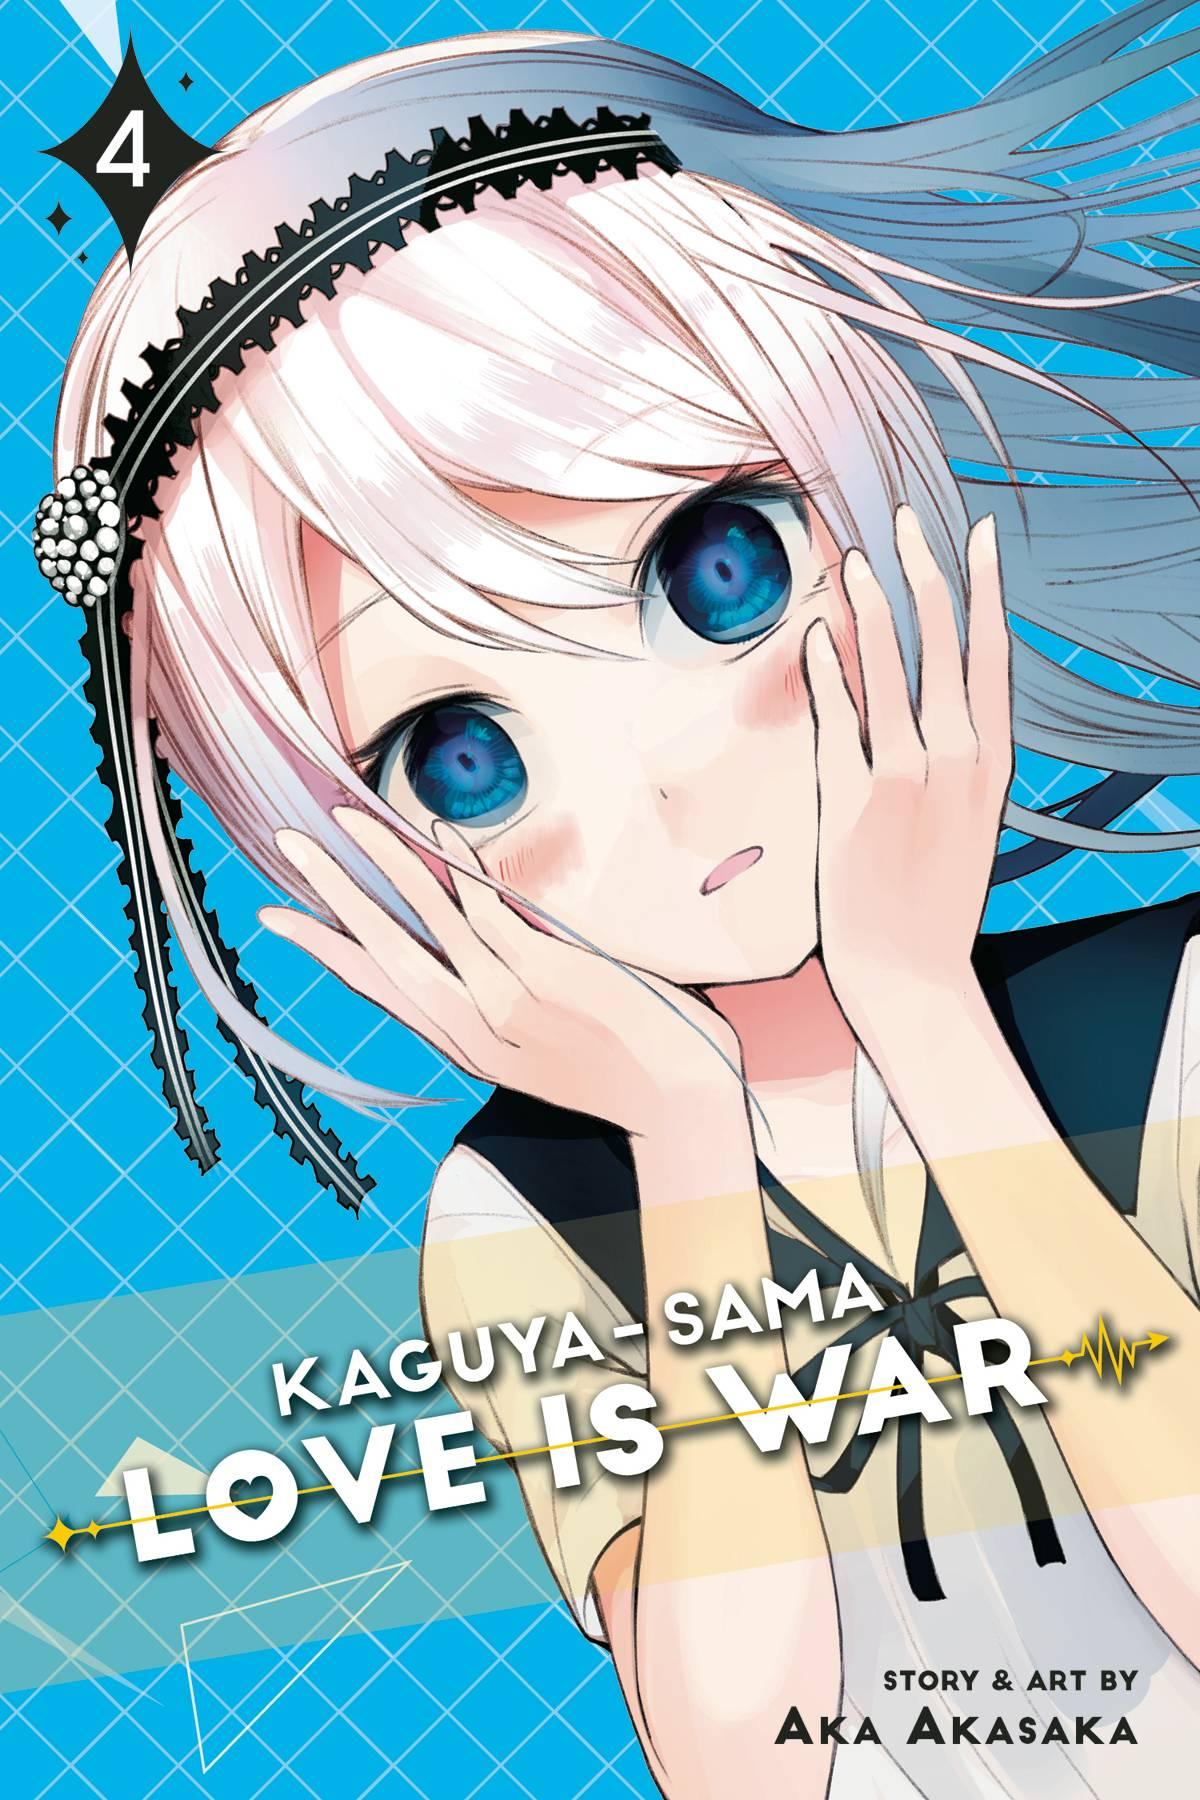 KAGUYA SAMA LOVE IS WAR GN VOL 04